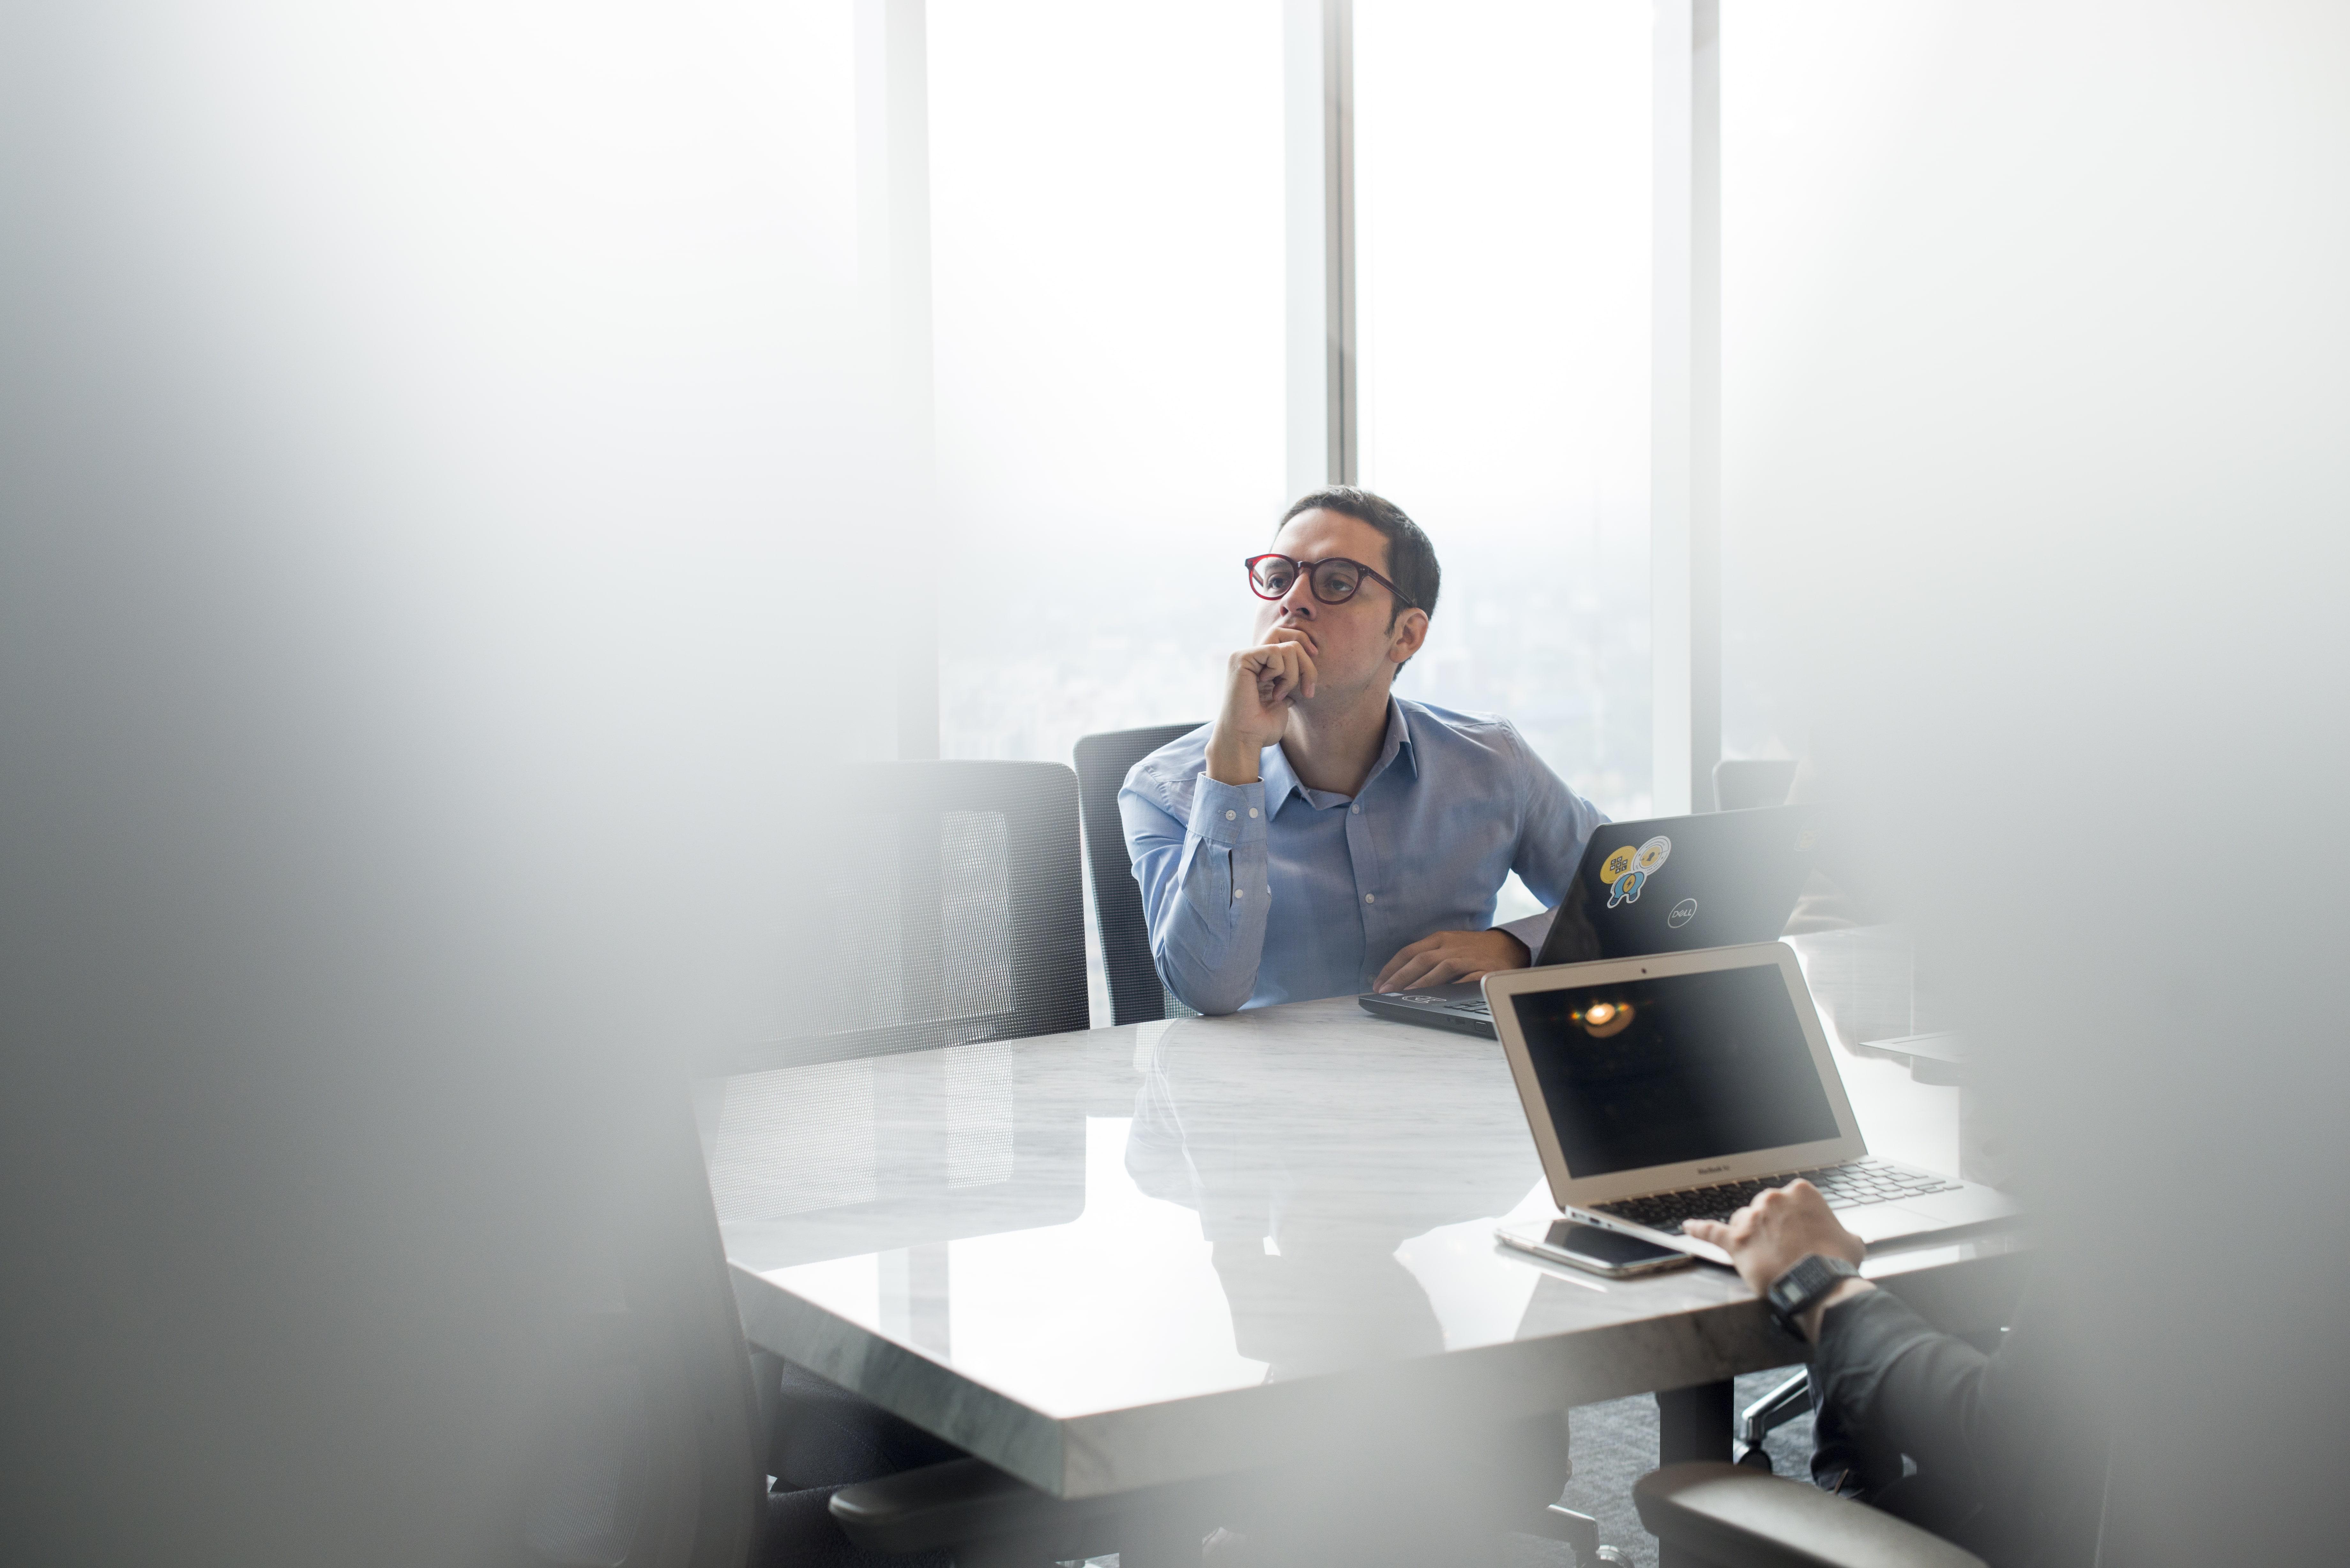 hombre reflexionando en una sala de reuniones de comunal